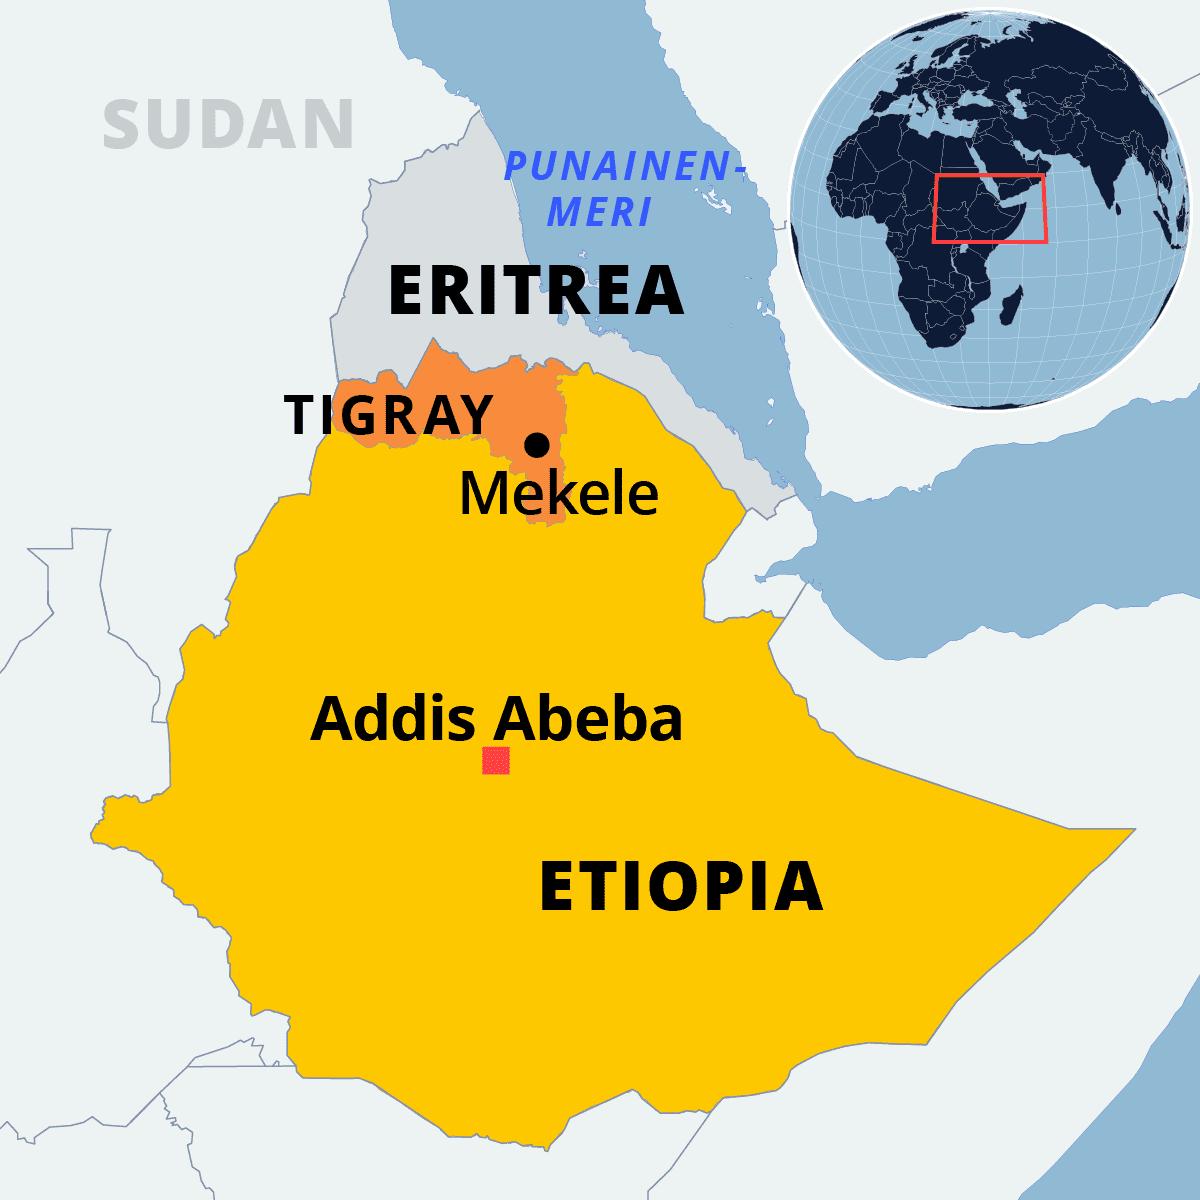 Kartalla Etiopian pohjoisosassa Tigrayn maakunta ja naapurimaa Eritrea.